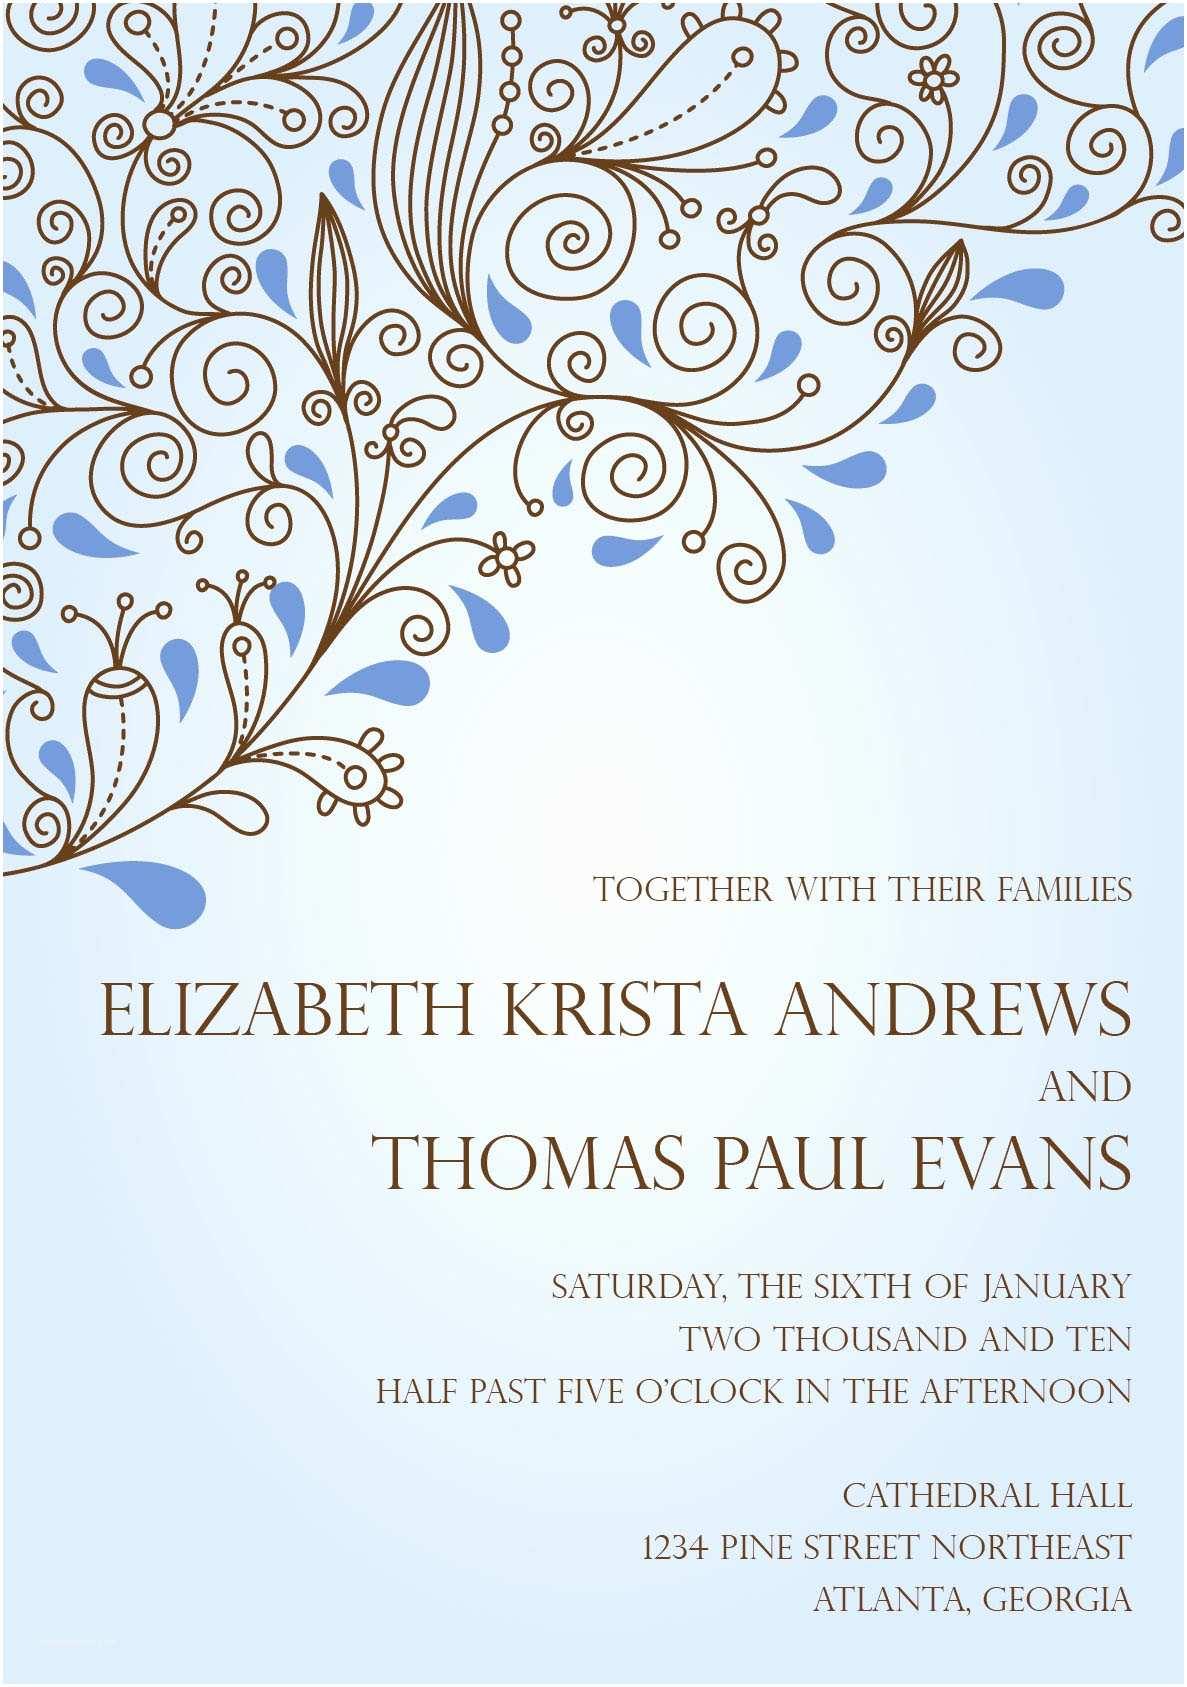 Electronic Wedding Invitations Wedding Invitation Wording Wedding Invitation Electronic